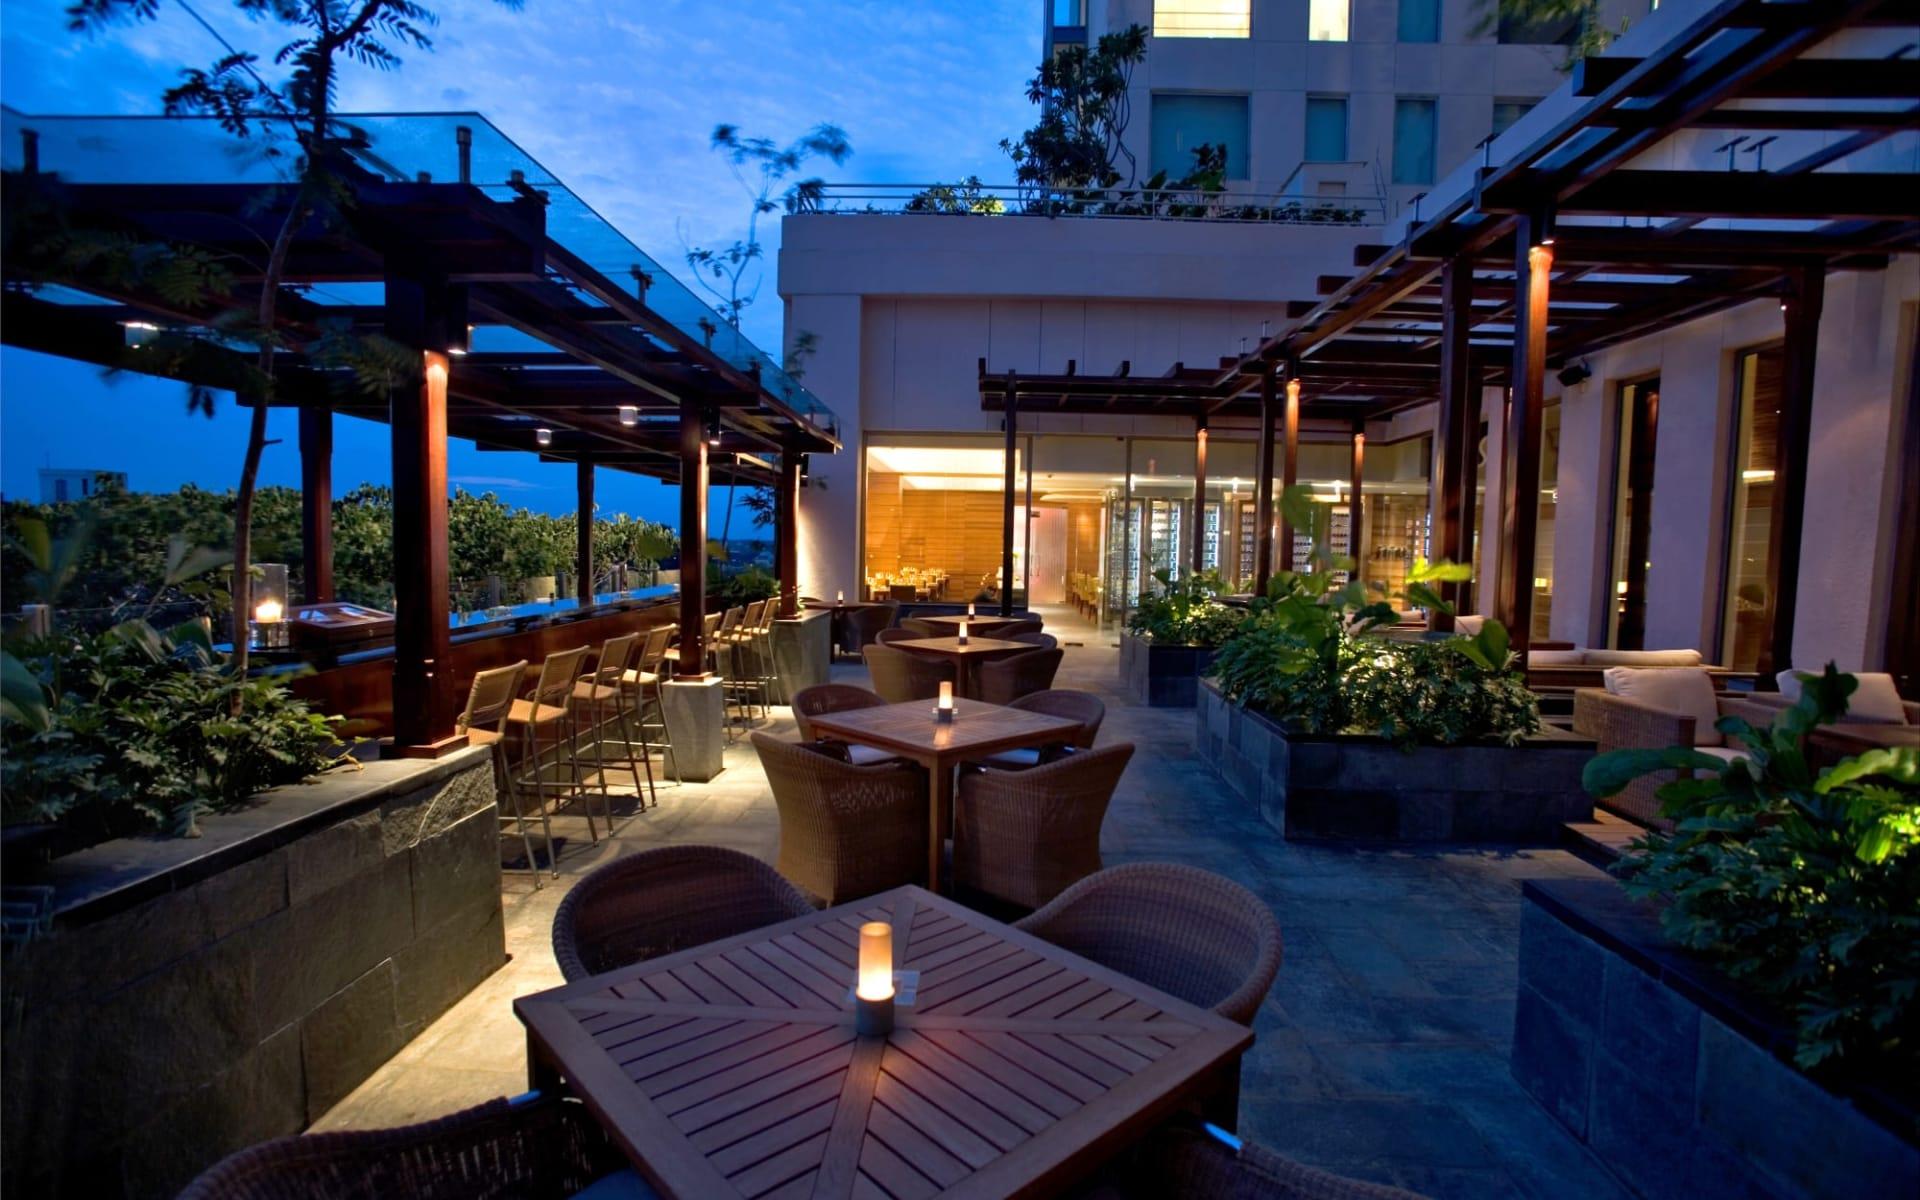 Hyatt Centric MG Road Bangalore in Bengaluru: Liquid Lounge & Bar